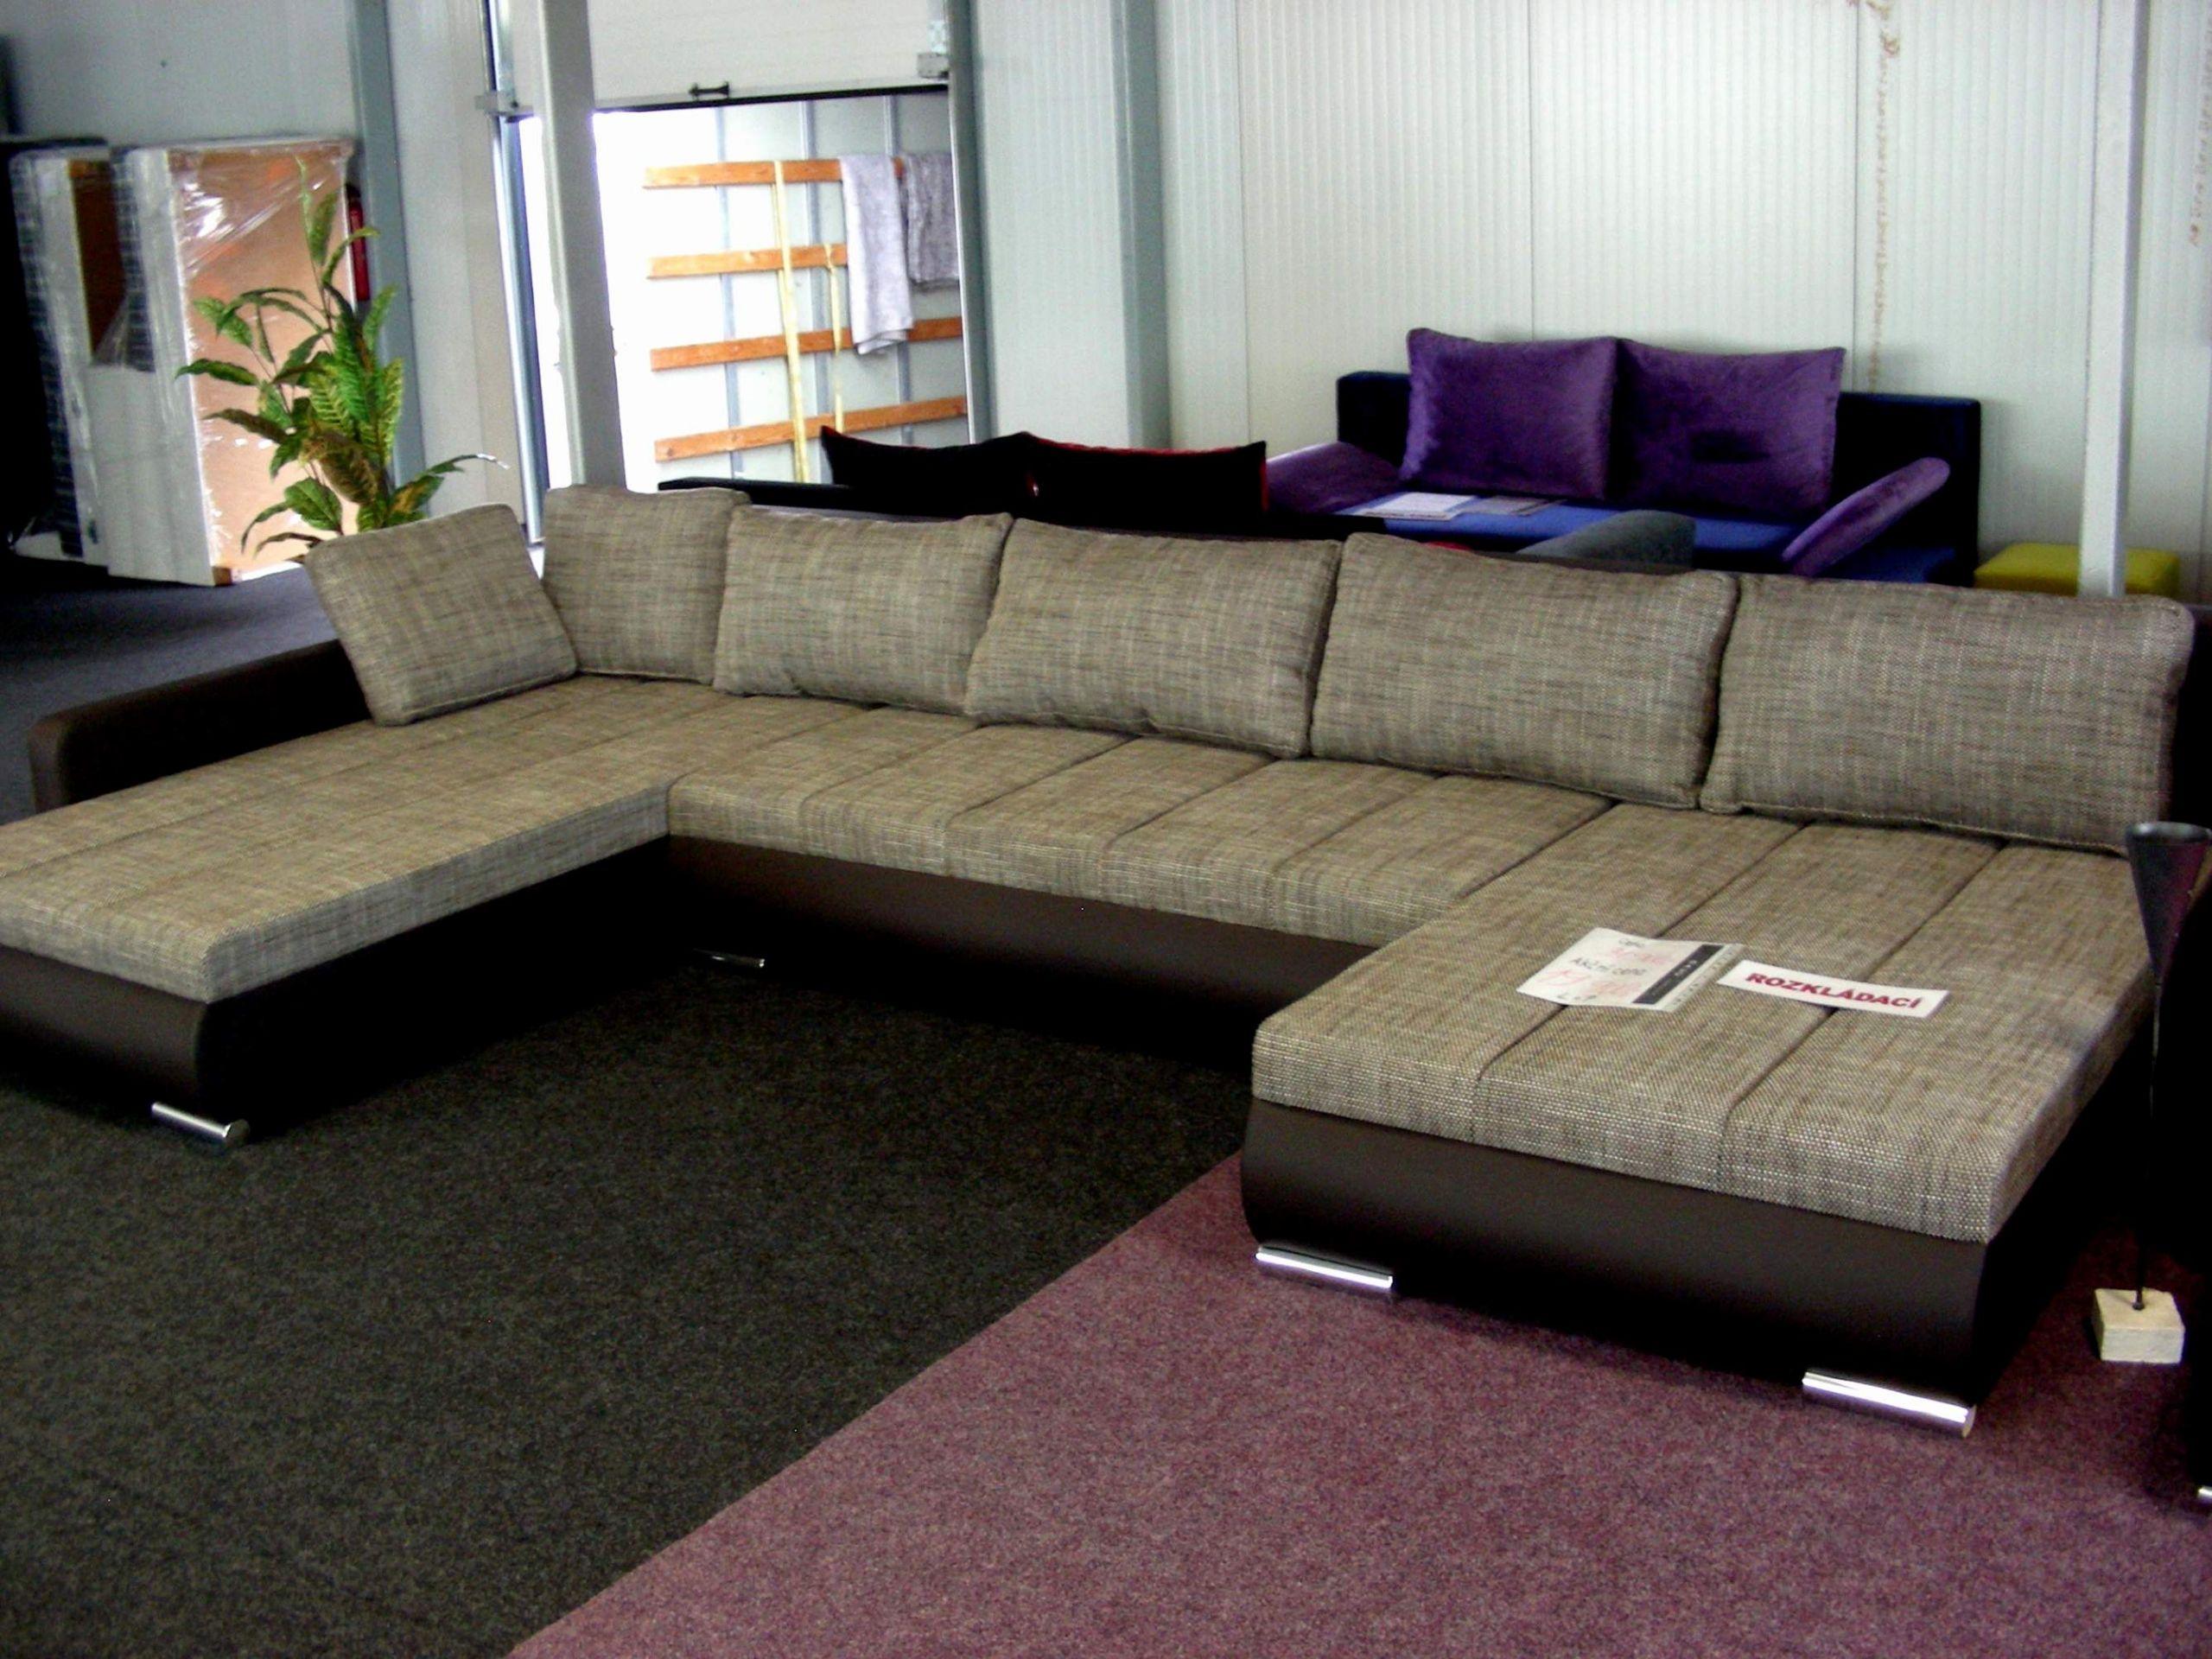 deko wohnzimmer wand frisch deko wohnzimmer wand frisch 42 inspirierend garten wand of deko wohnzimmer wand